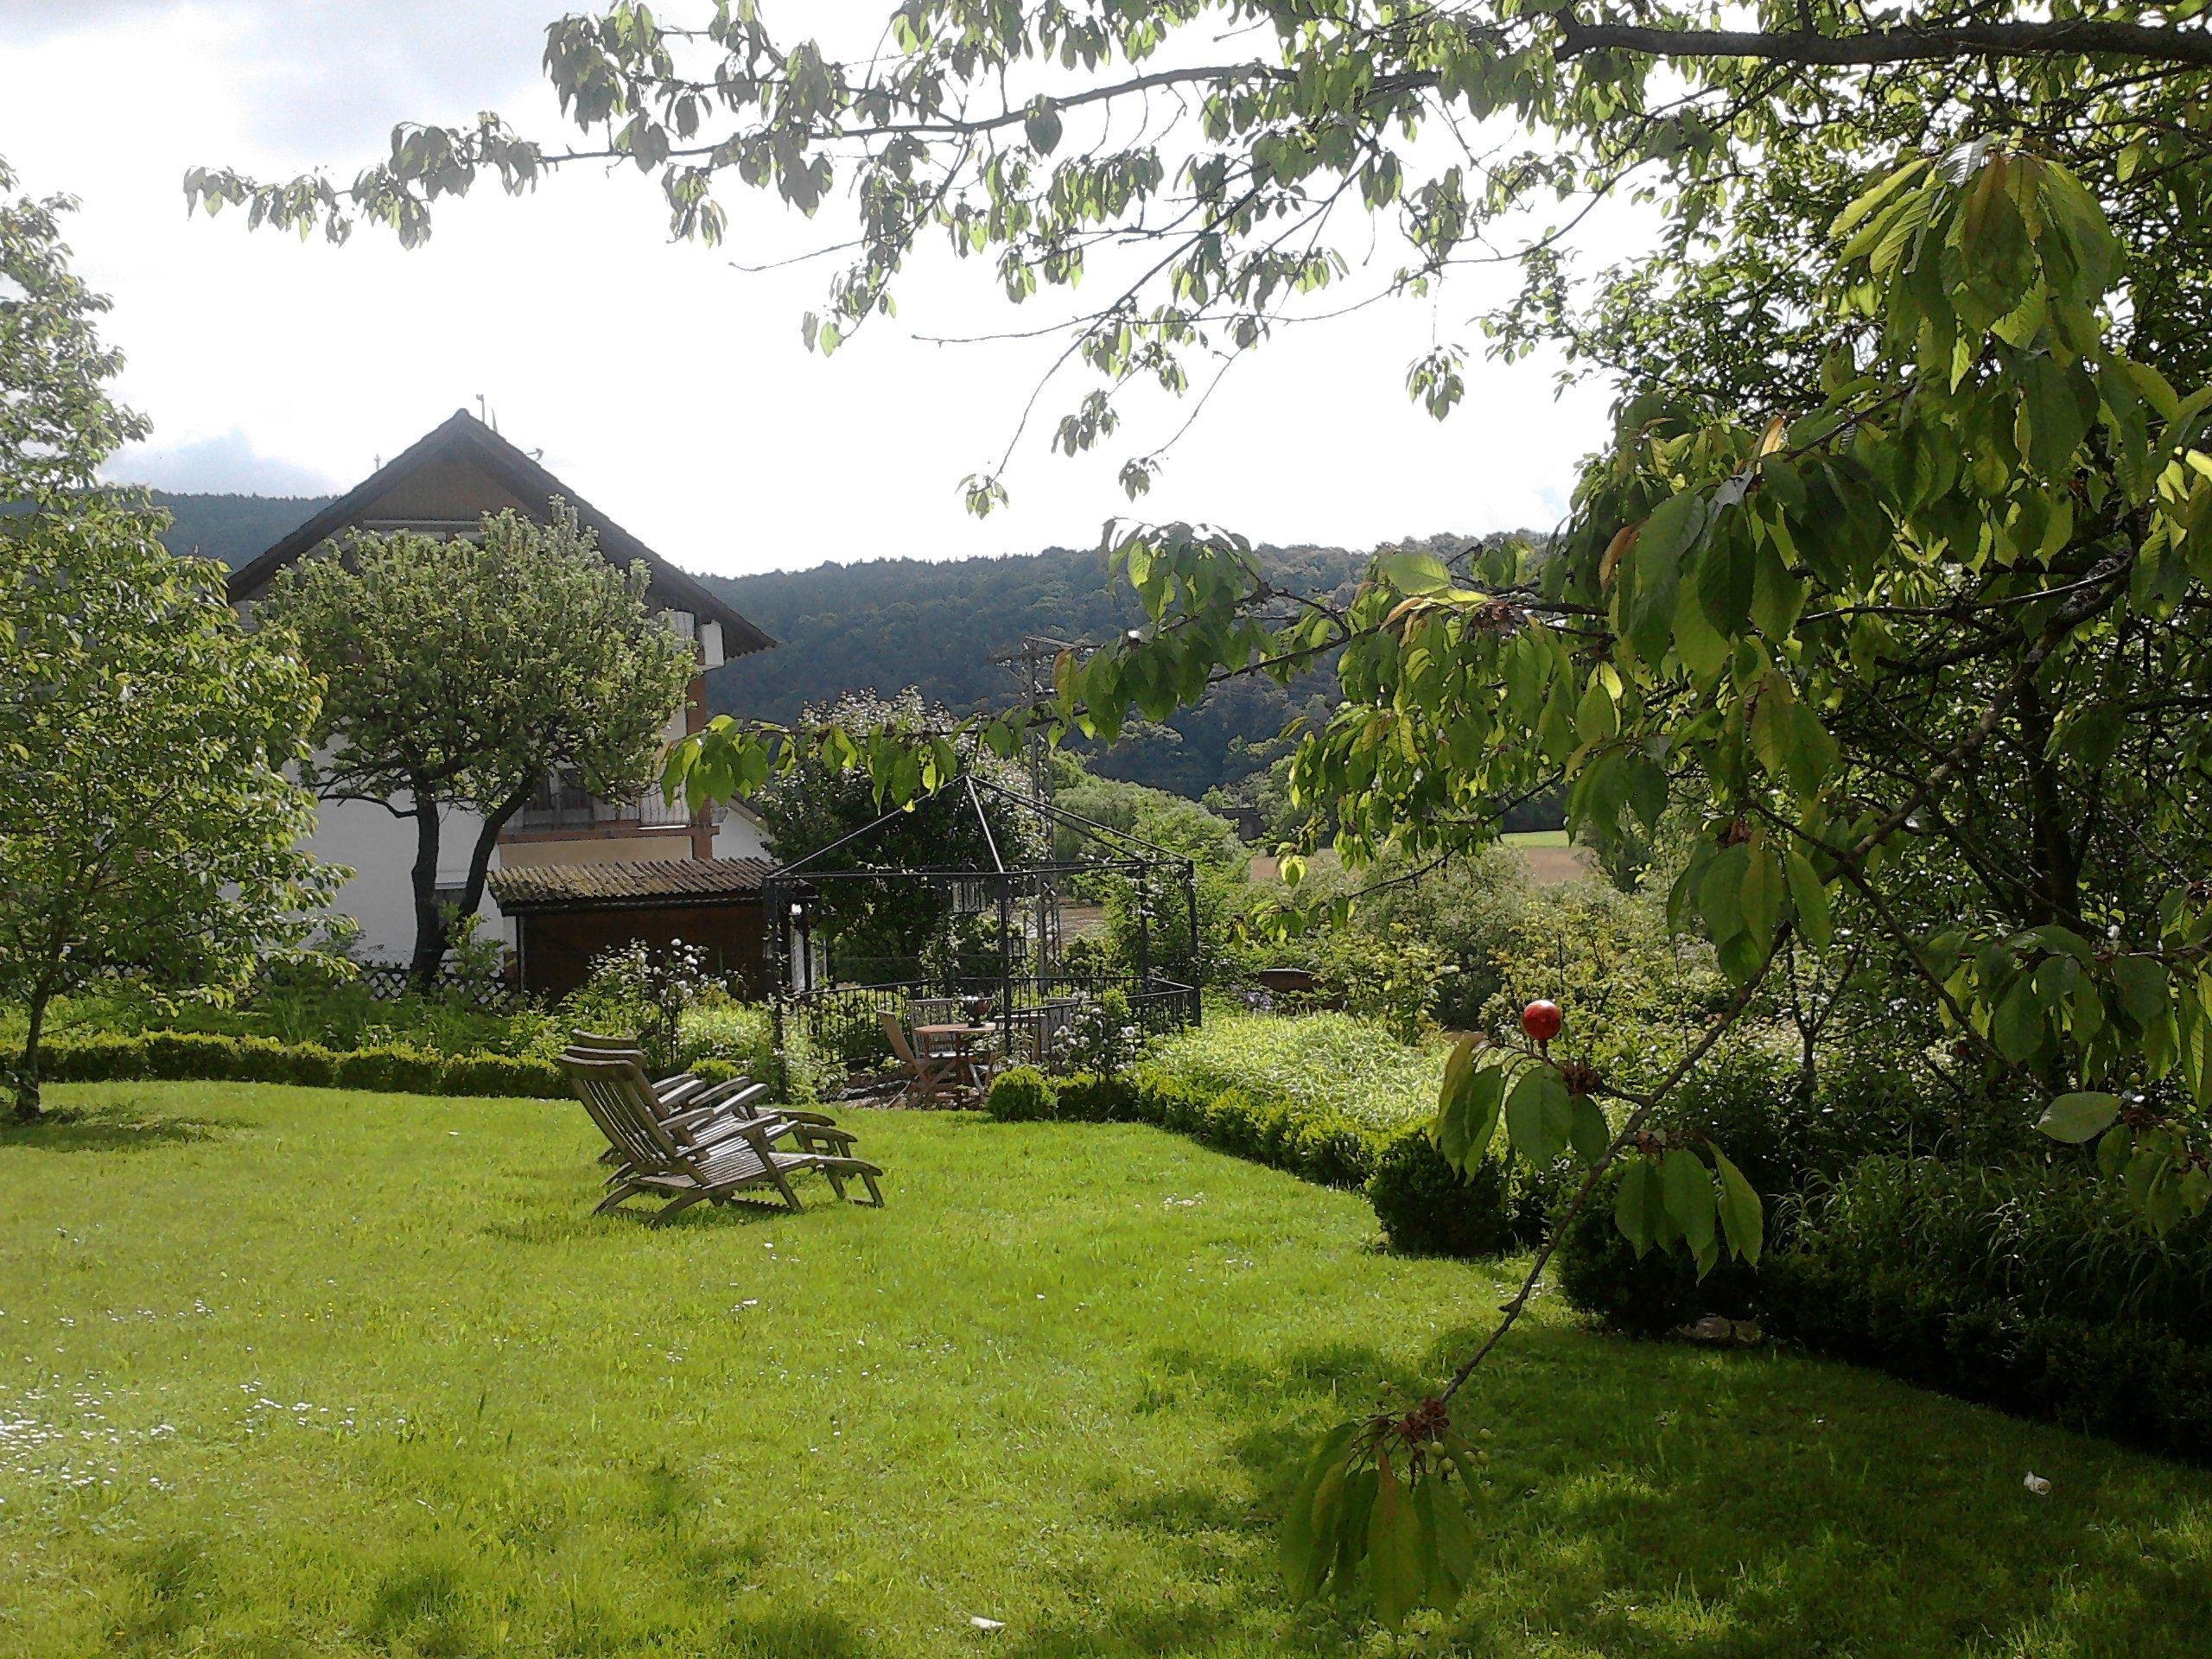 Traumhaus mit garten  Garten an der Fulda / Hessen, Deutschland | Traumhaus | Pinterest ...